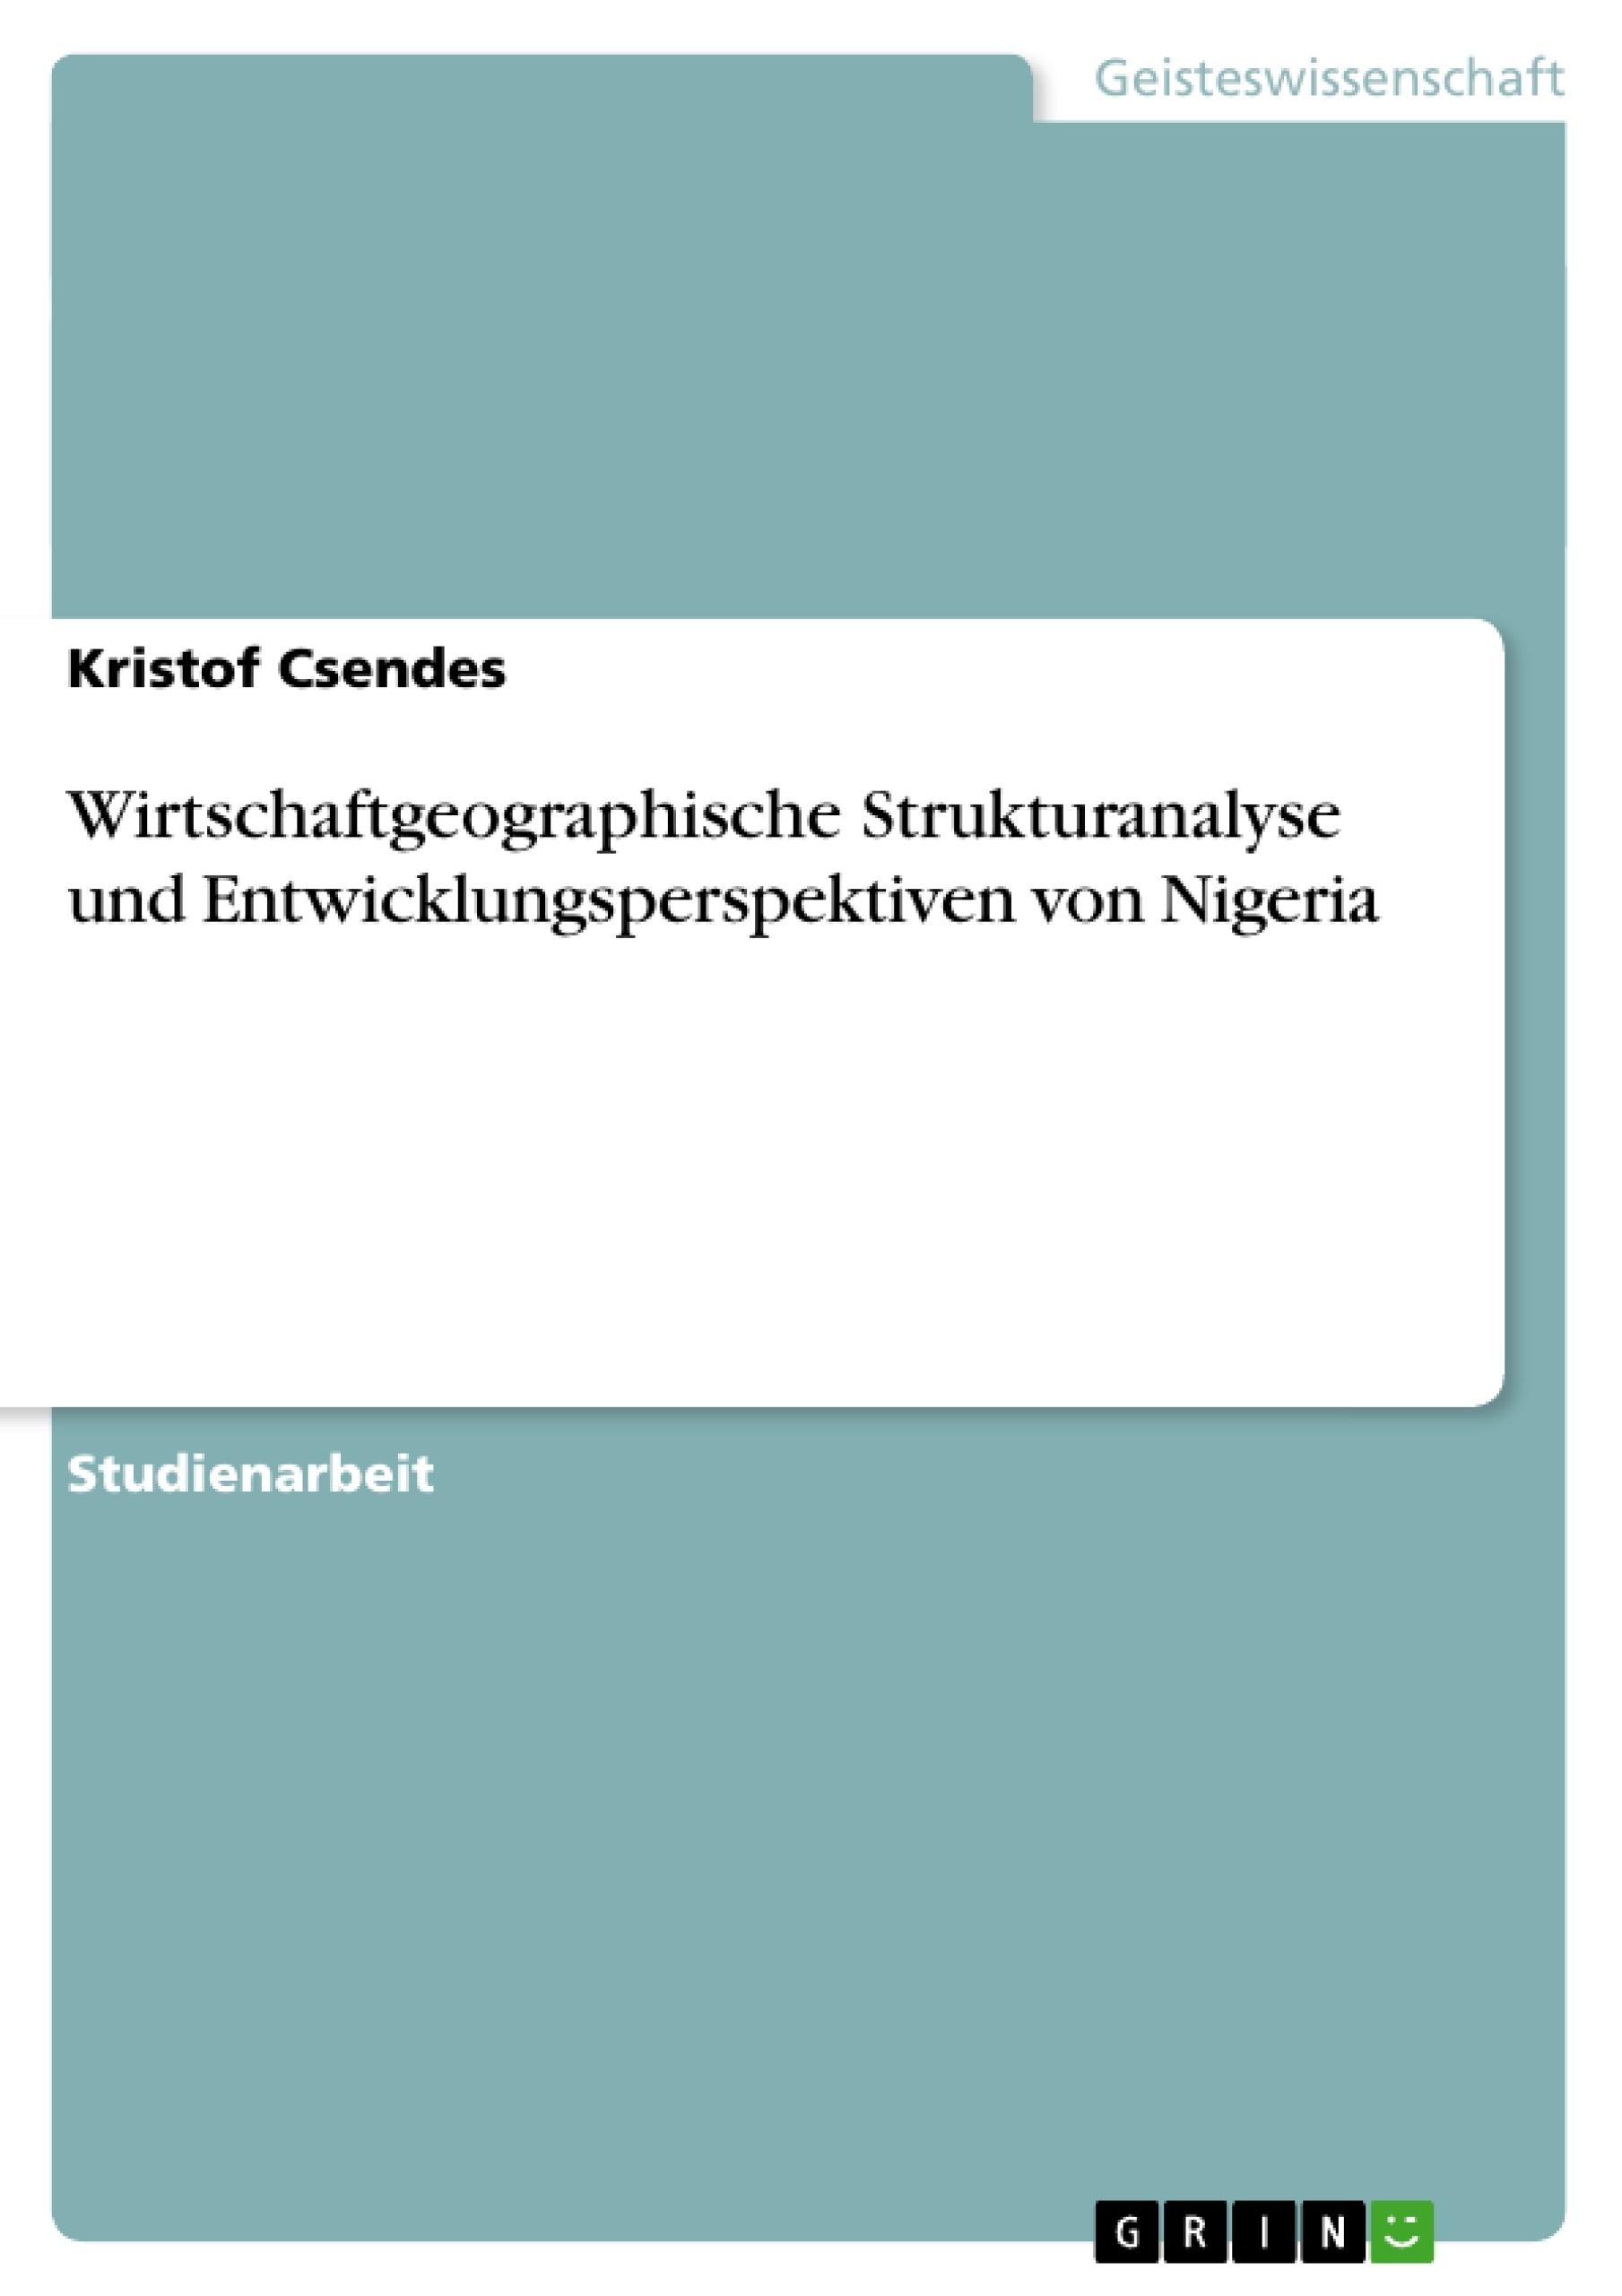 Titel: Wirtschaftgeographische Strukturanalyse und Entwicklungsperspektiven von Nigeria